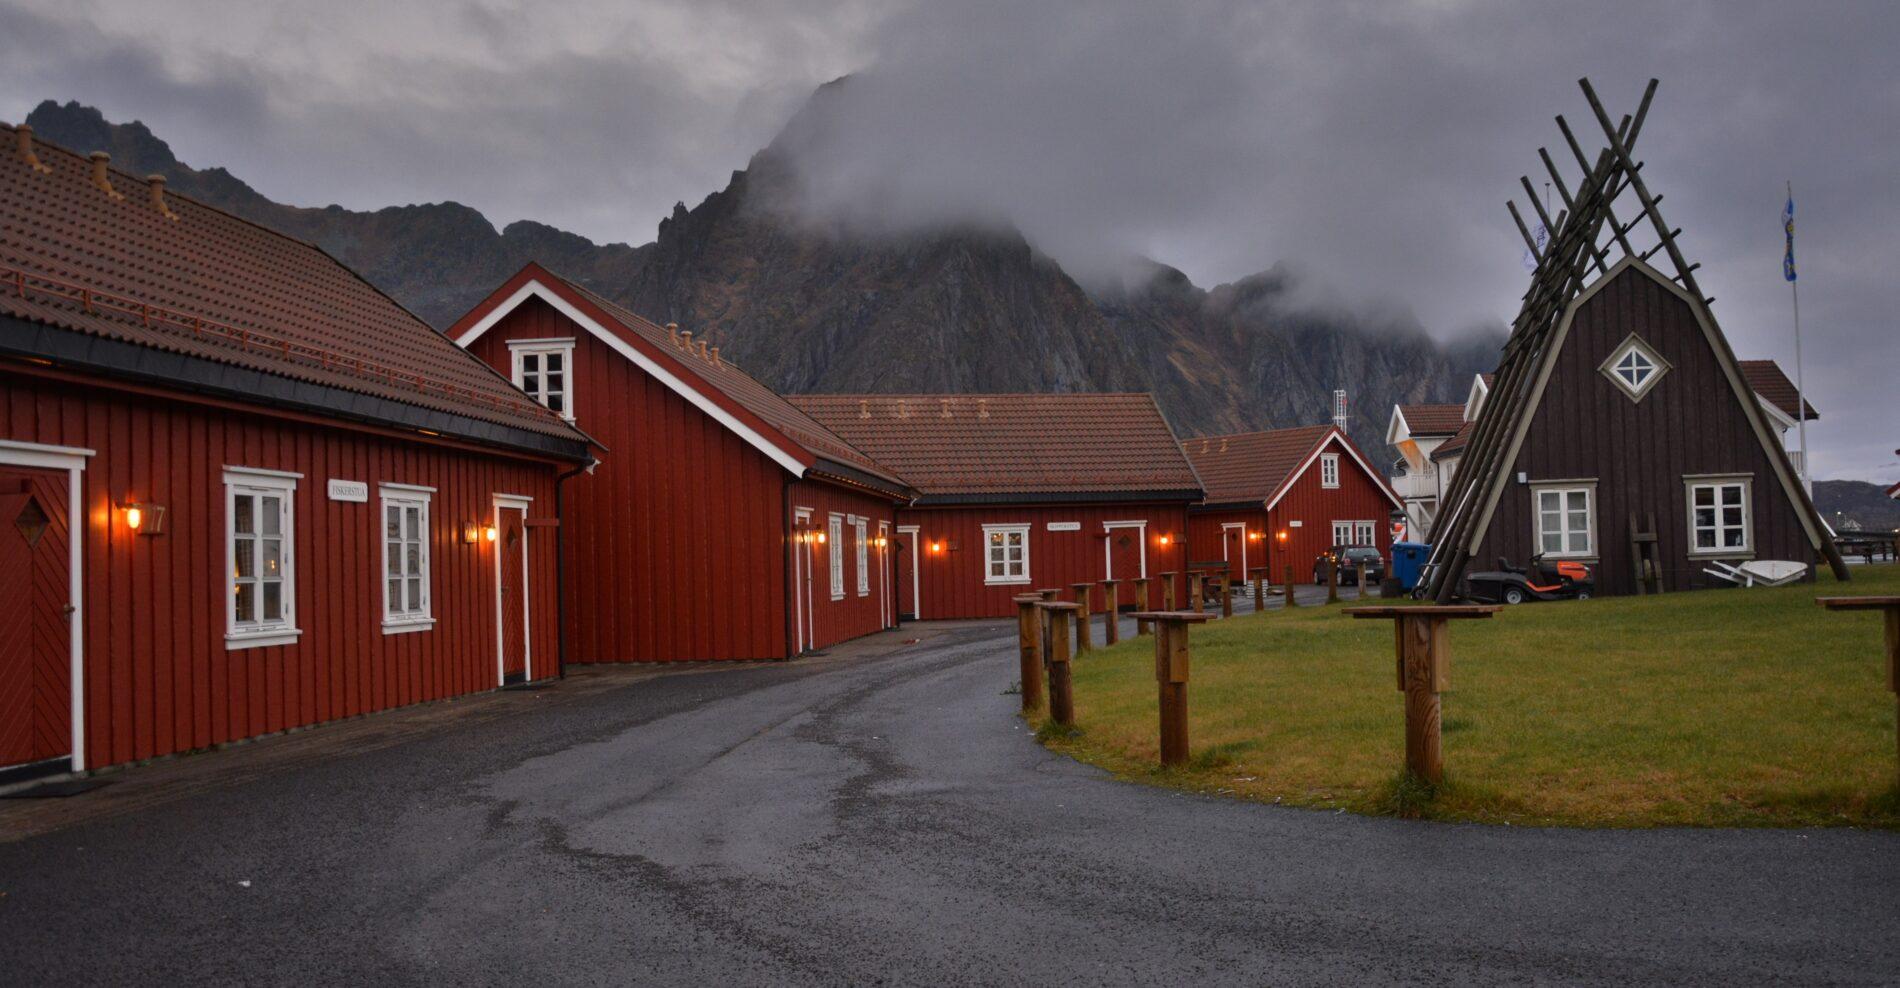 Svolvær-985241-1